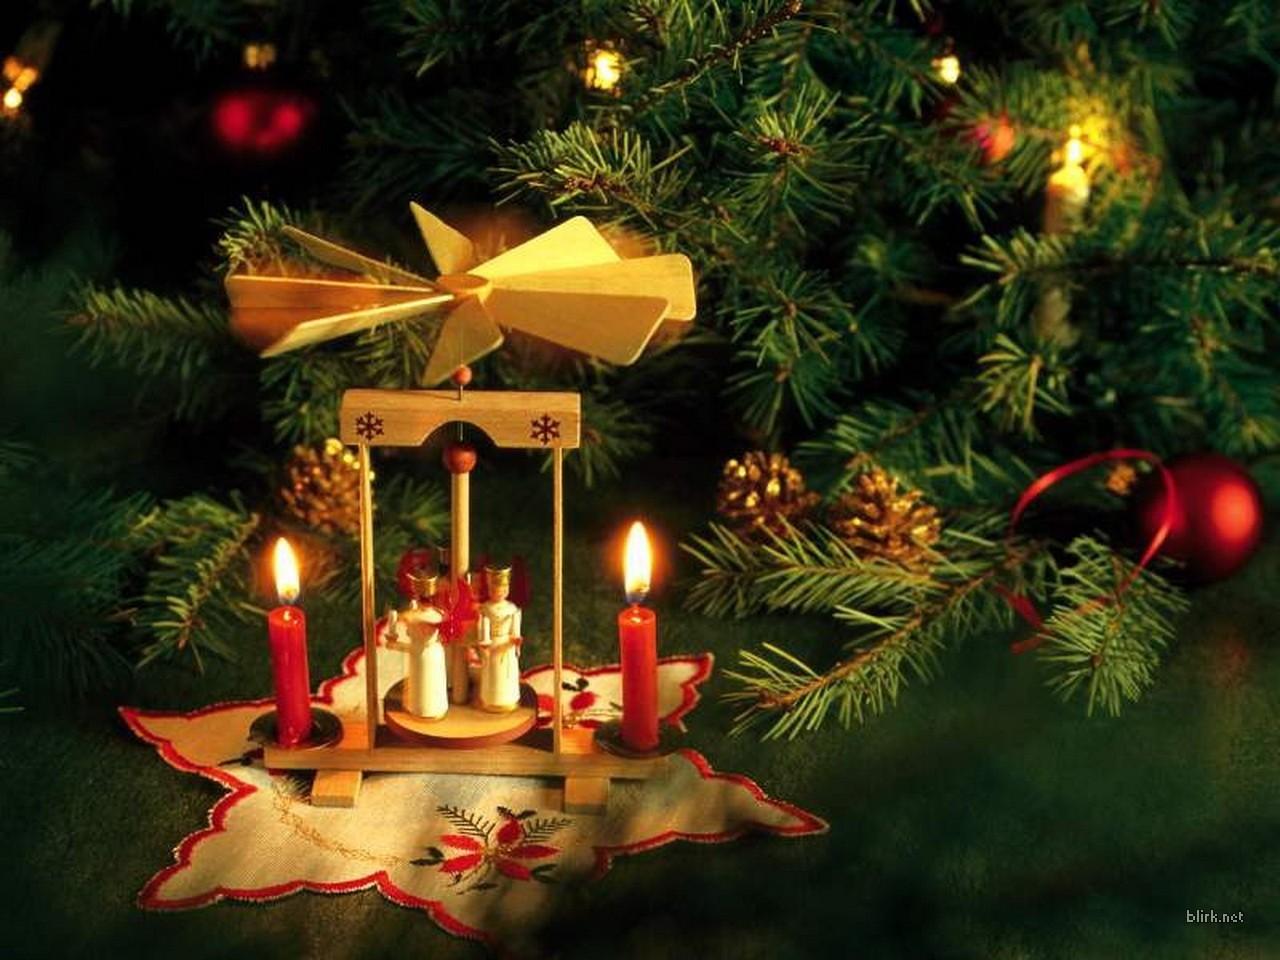 Handy-Wallpaper Feiertage, Neujahr, Weihnachten, Kerzen kostenlos herunterladen.